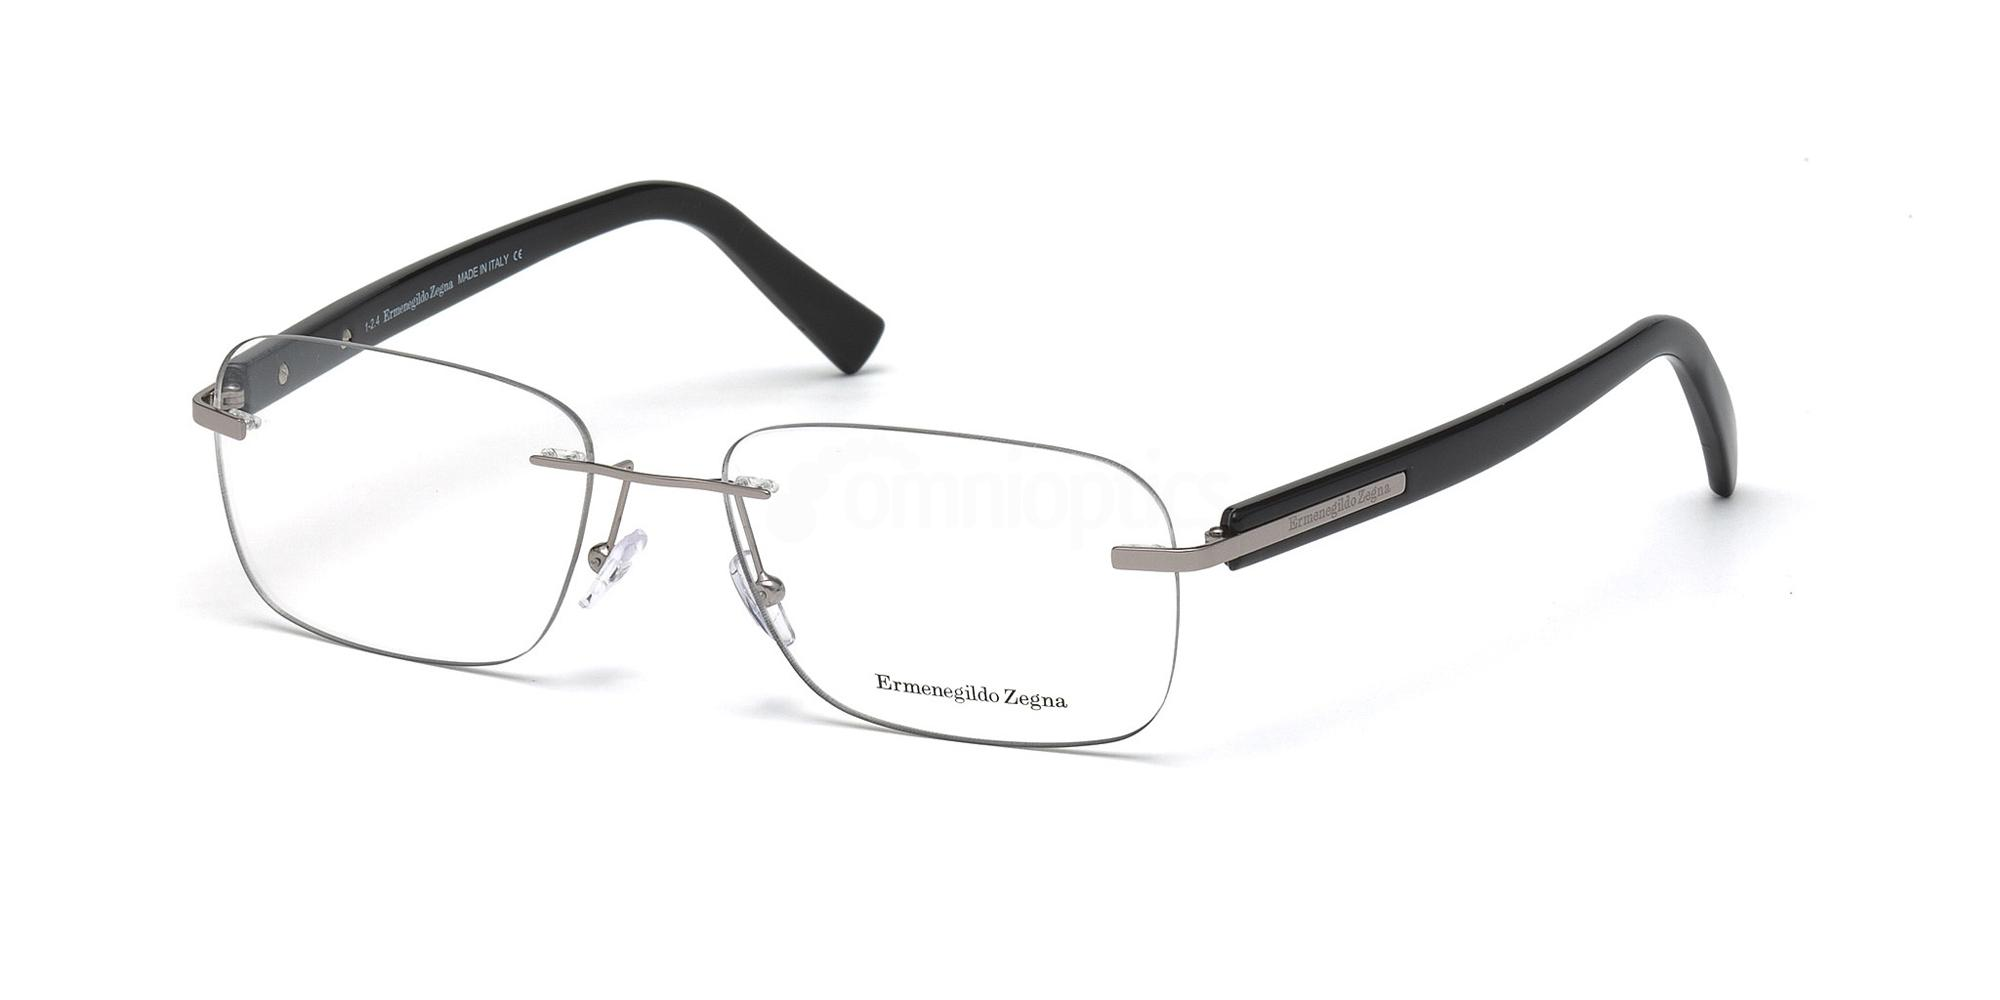 012 EZ5003 Glasses, Ermenegildo Zegna